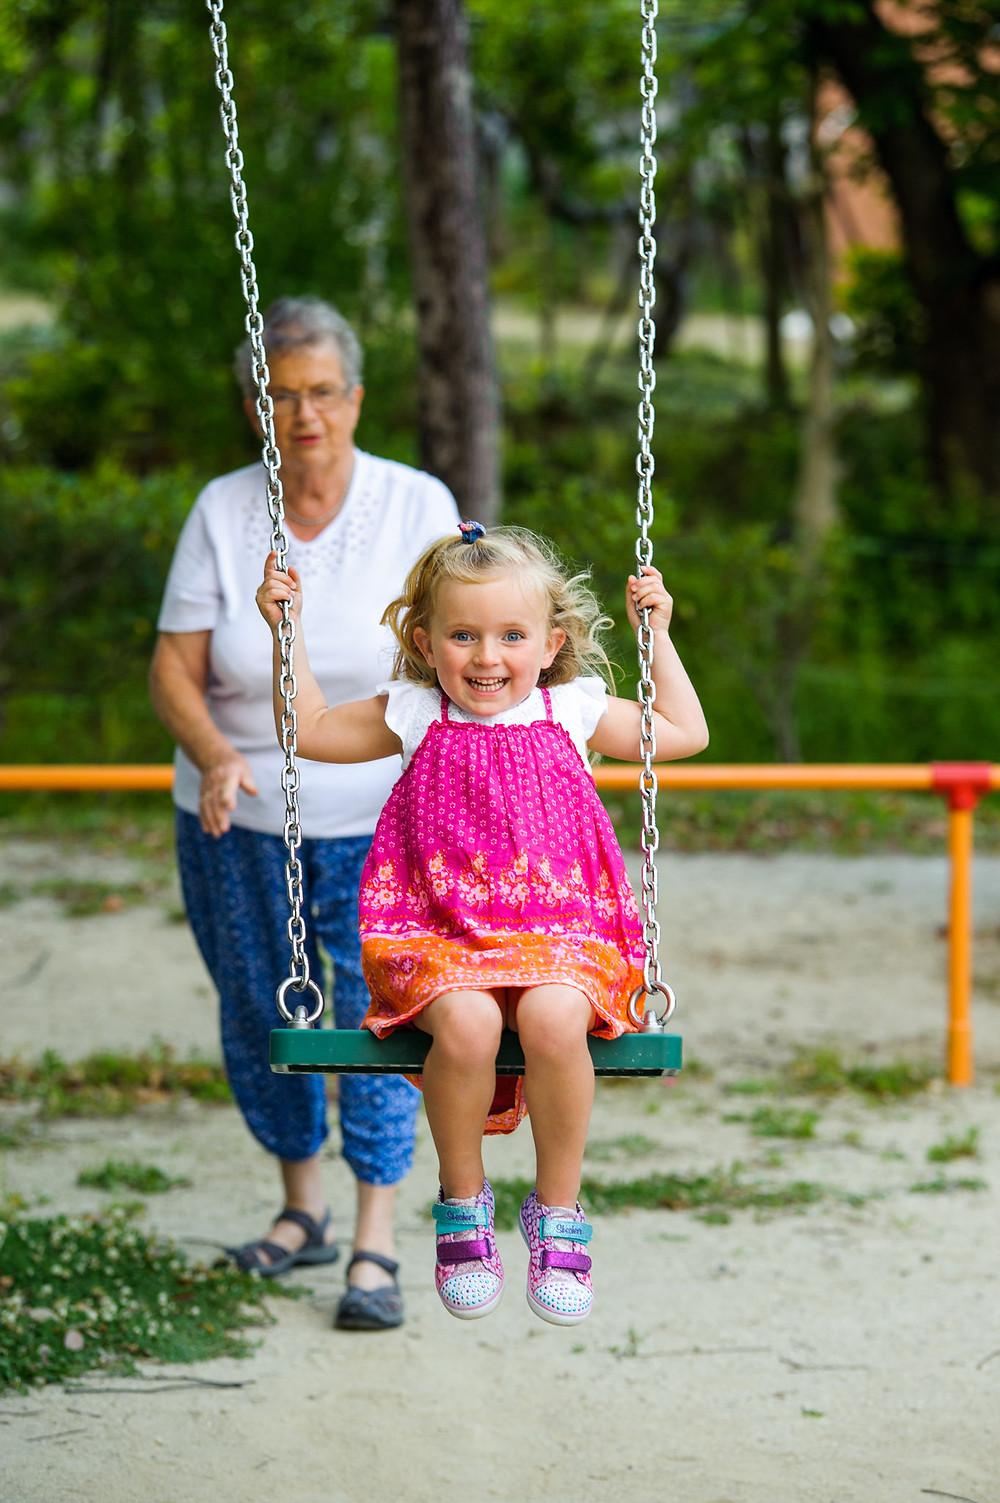 Willa swings